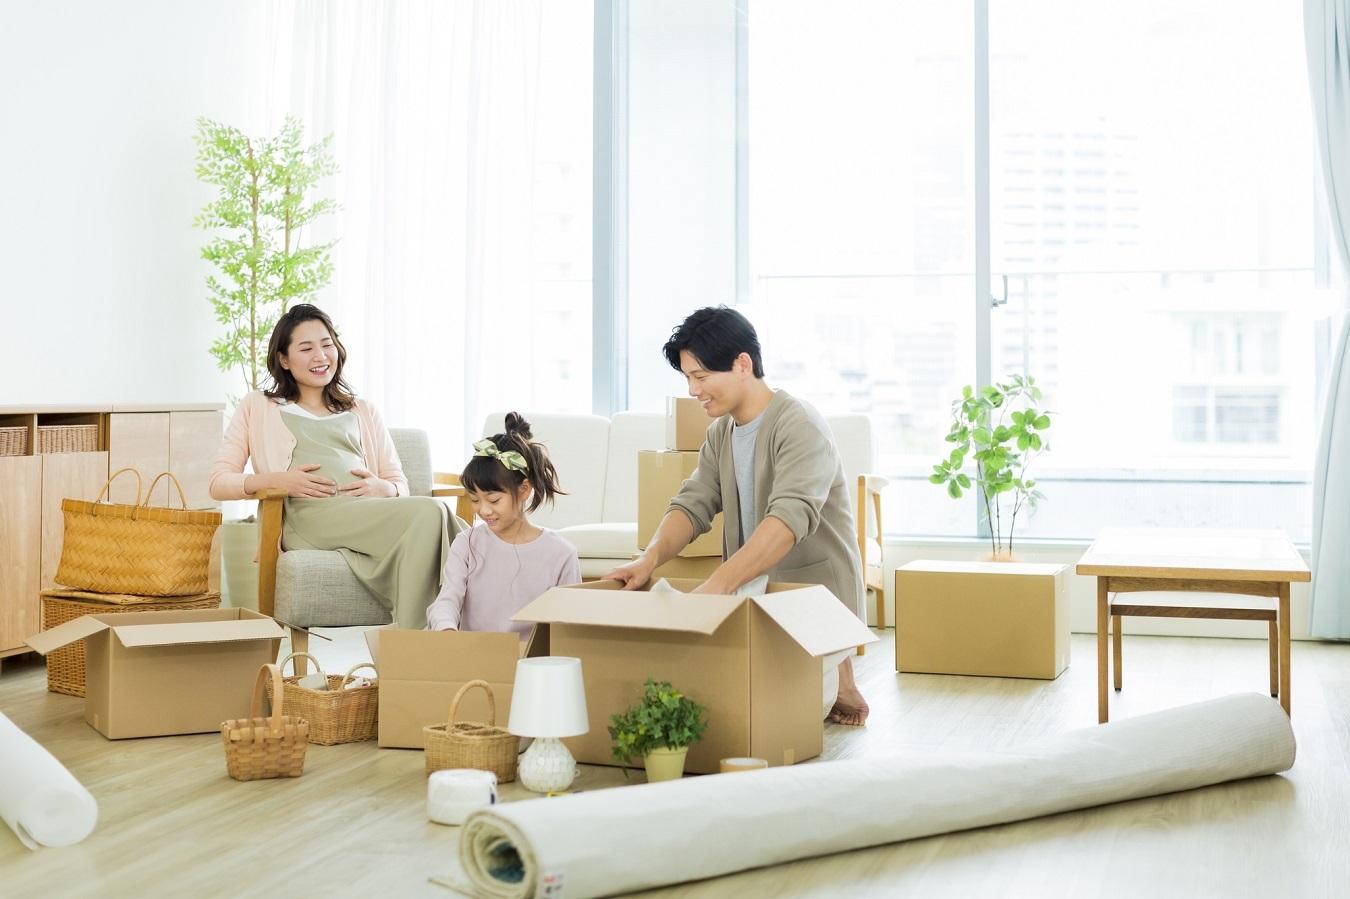 世帯構成に合わせた部屋の広さってあるの?